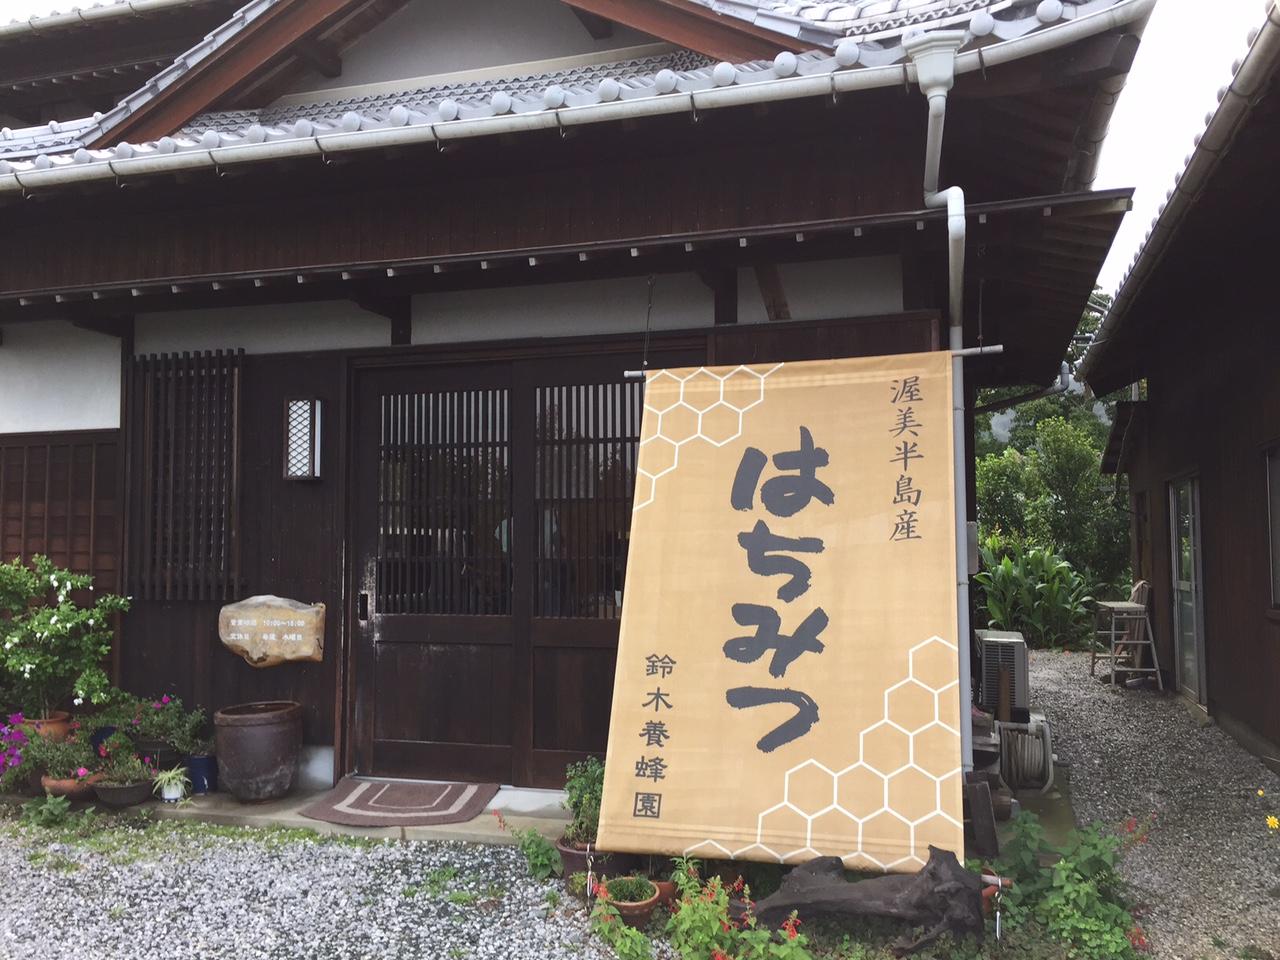 愛知県田原市 渥美半島のはちみつ 鈴木養蜂園の拘りがすごかった。お土産に最適!